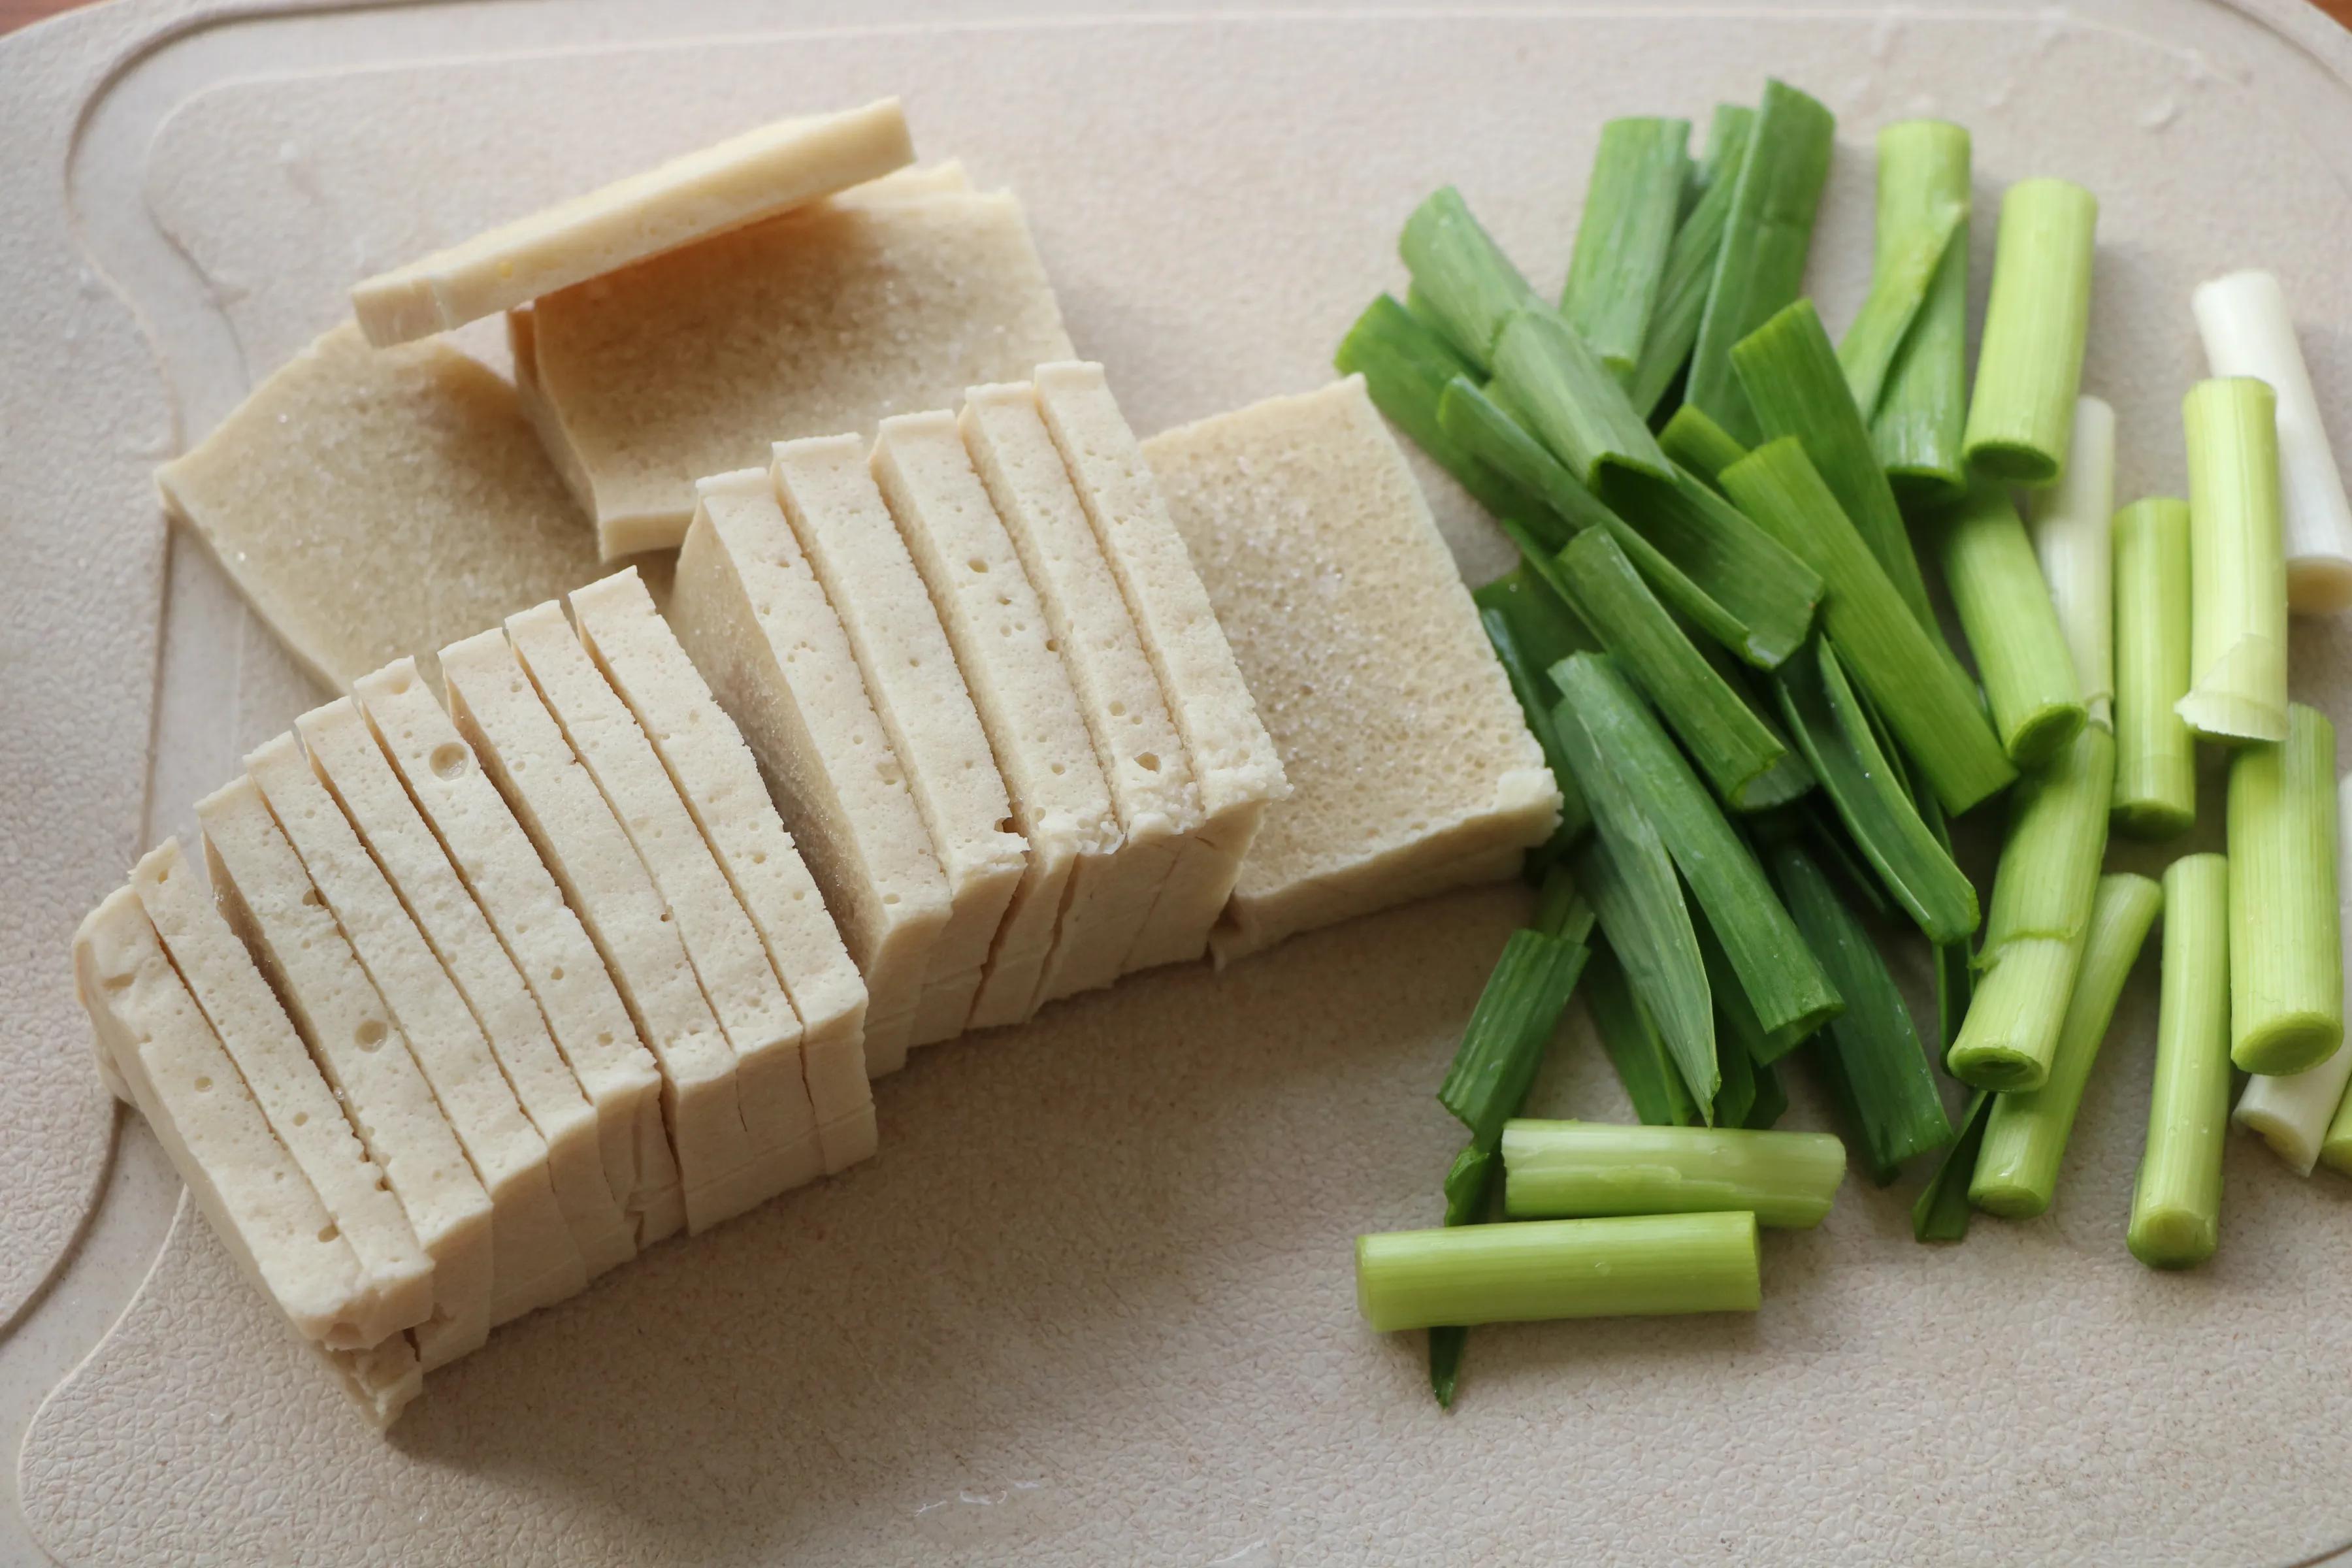 我家一周吃3次的家常菜,簡單一炒,口感勝過大飯店,天天想吃